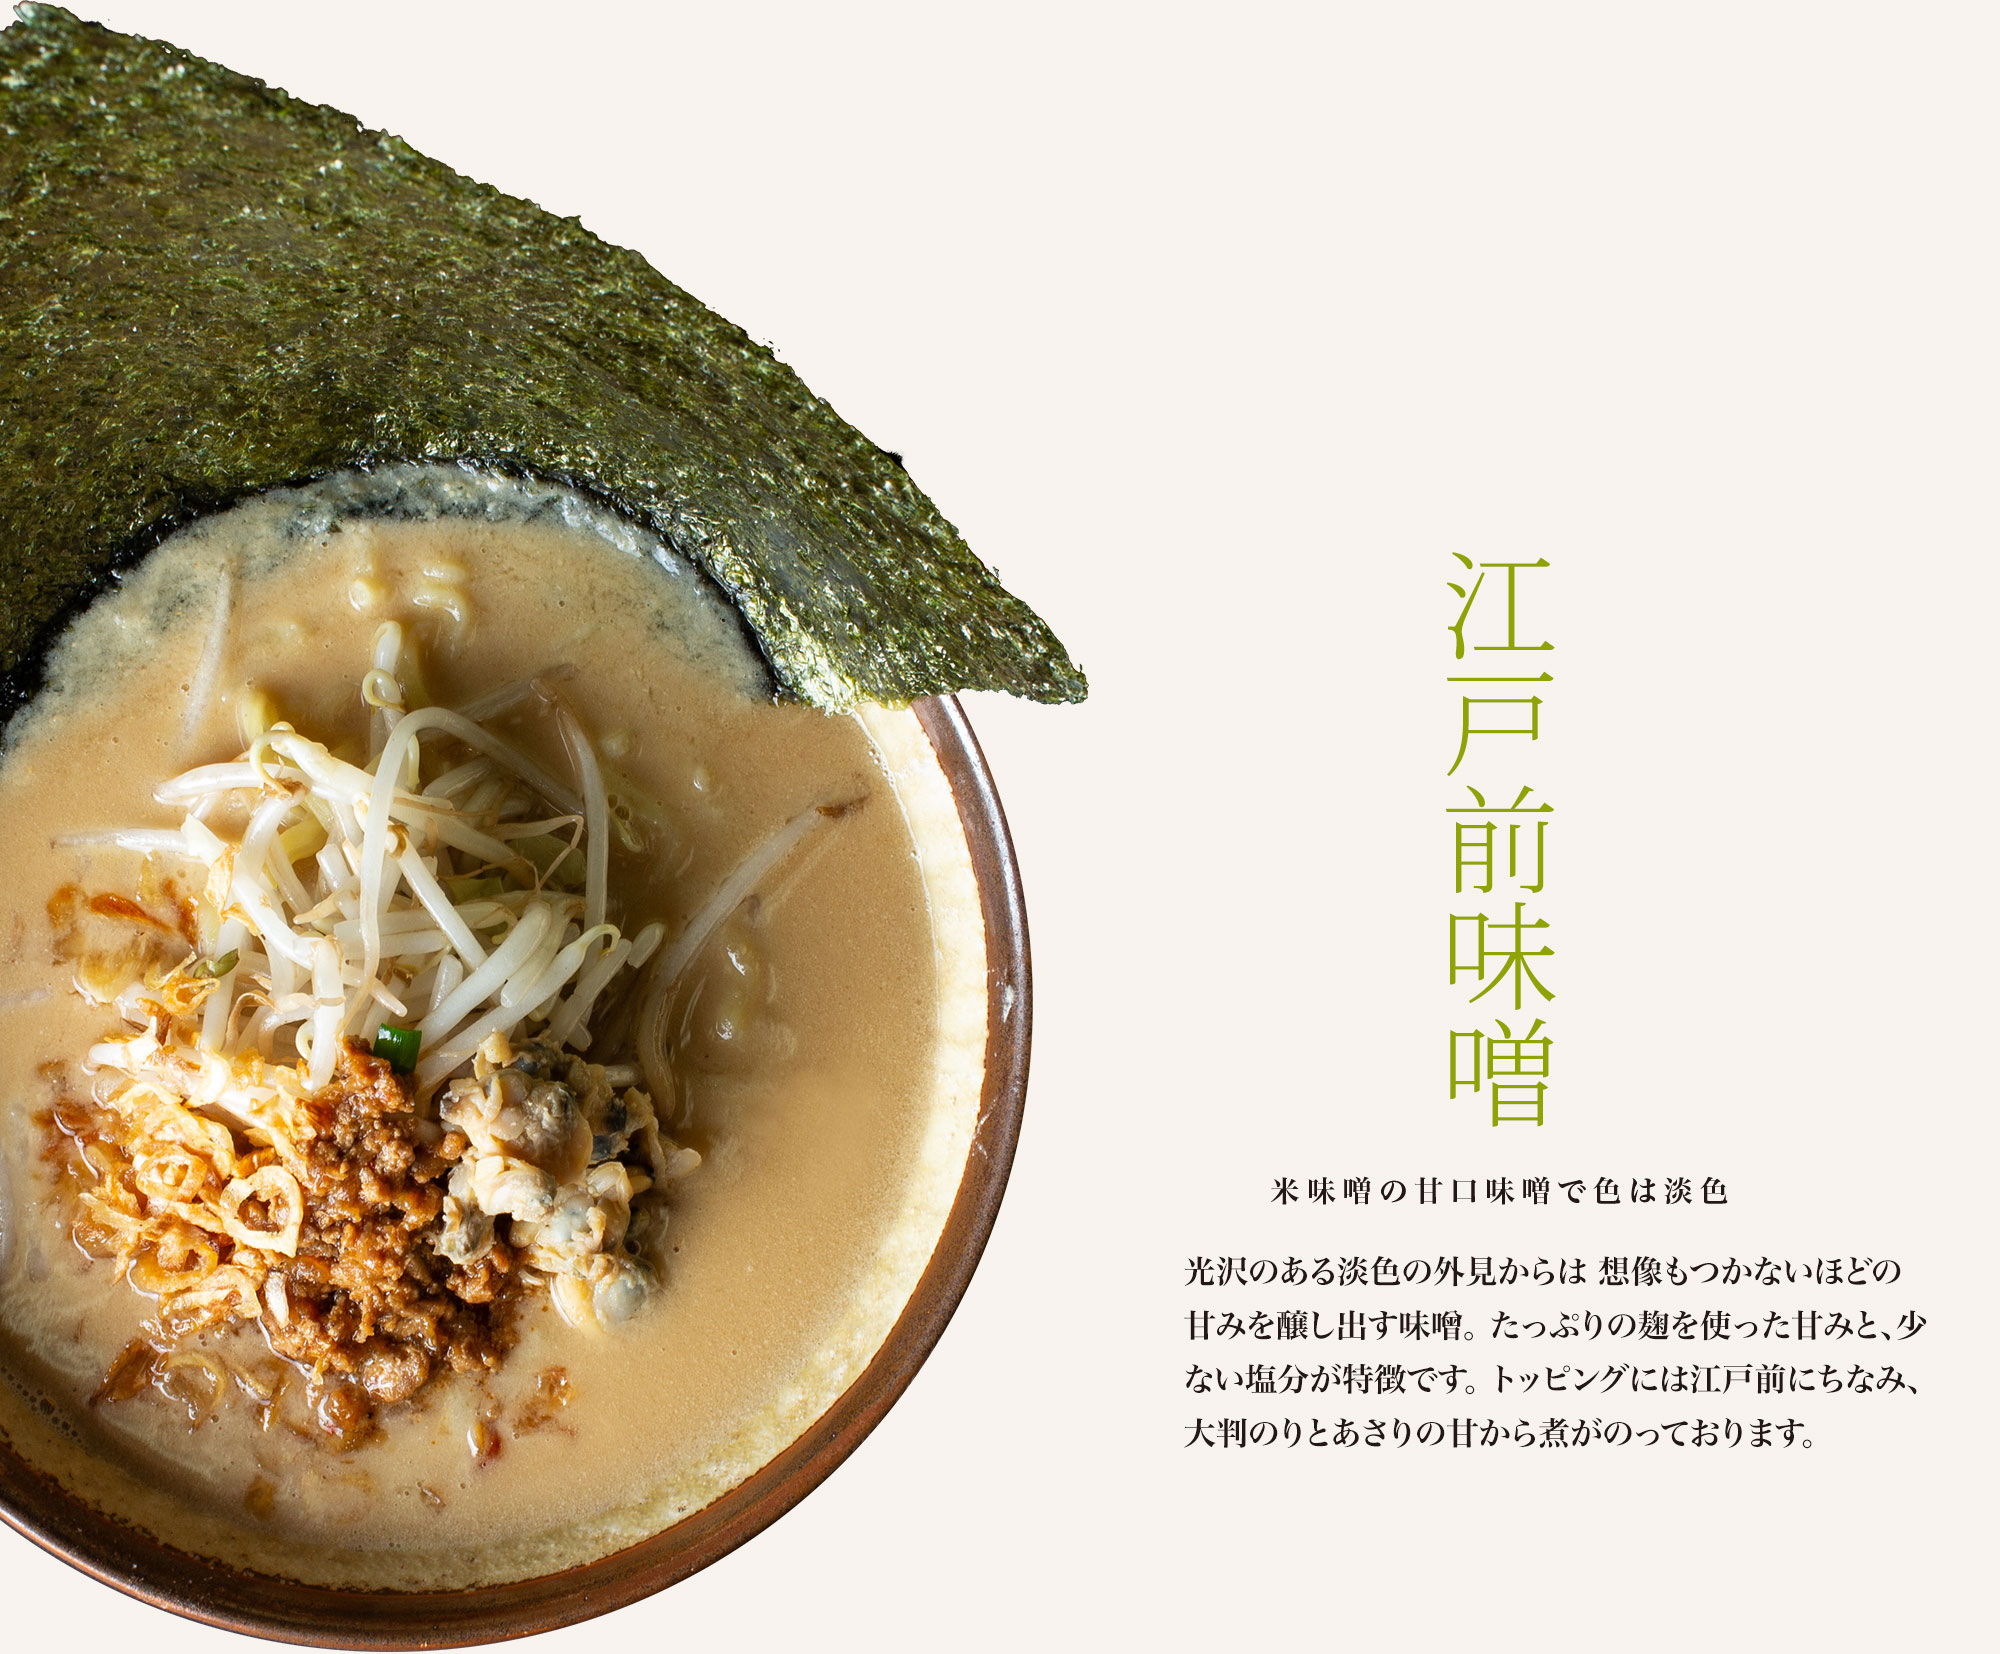 【江戸前味噌 米味噌の甘口味噌で色は淡色】光沢のある茶褐色の外見からは想像もつかないほどの甘みを醸し出す味噌。たっぷりの麹を使った甘みと、少ない塩分が特徴です。トッピングには東京湾にちなみ、大判のりとあさりの甘から煮がのっております。